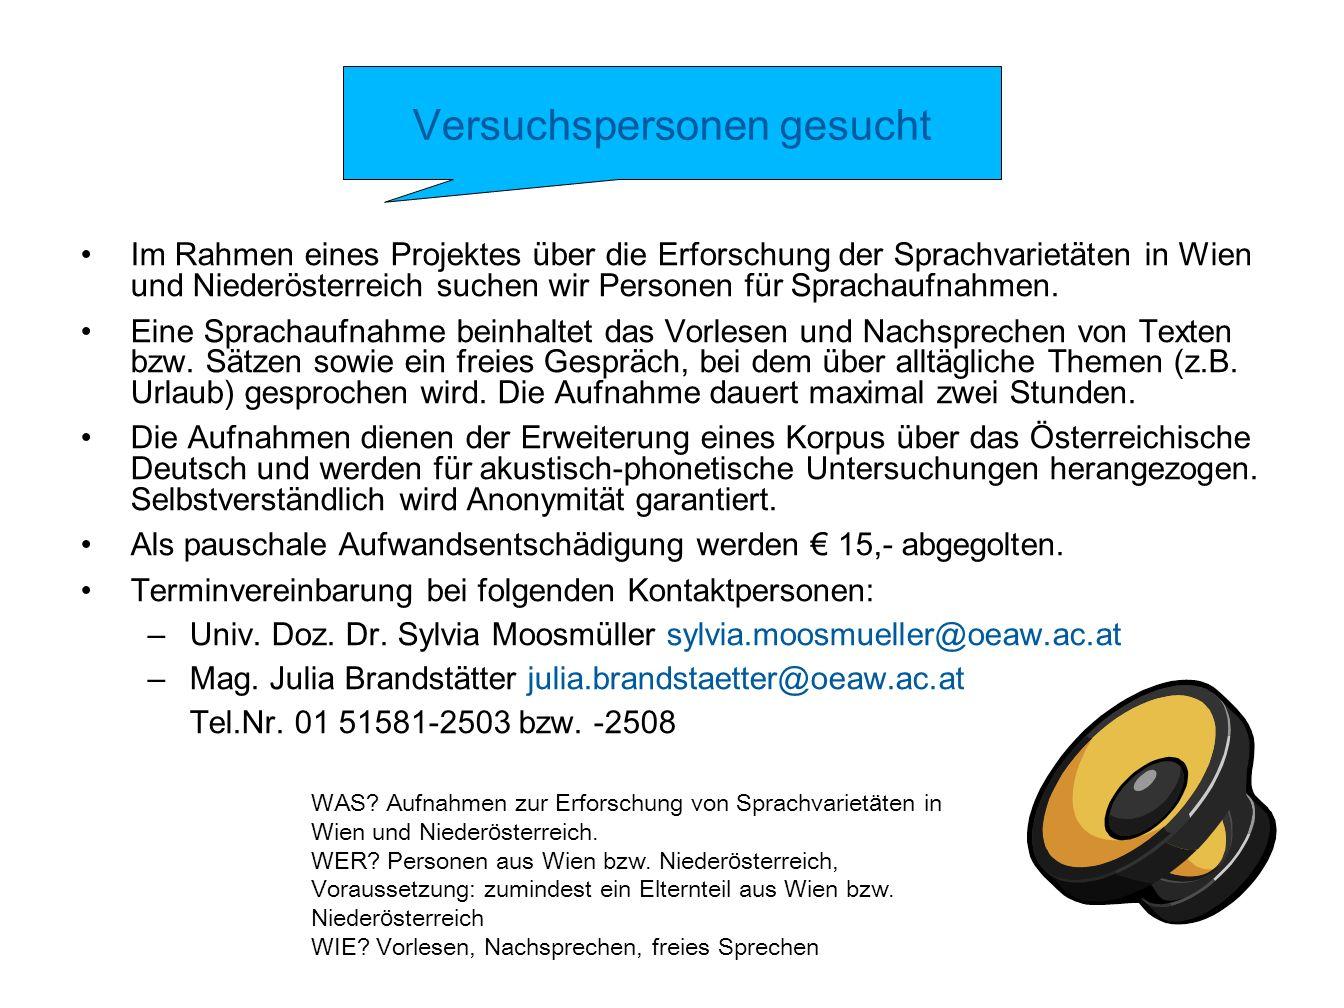 Versuchspersonen gesucht Im Rahmen eines Projektes über die Erforschung der Sprachvarietäten in Wien und Niederösterreich suchen wir Personen für Spra